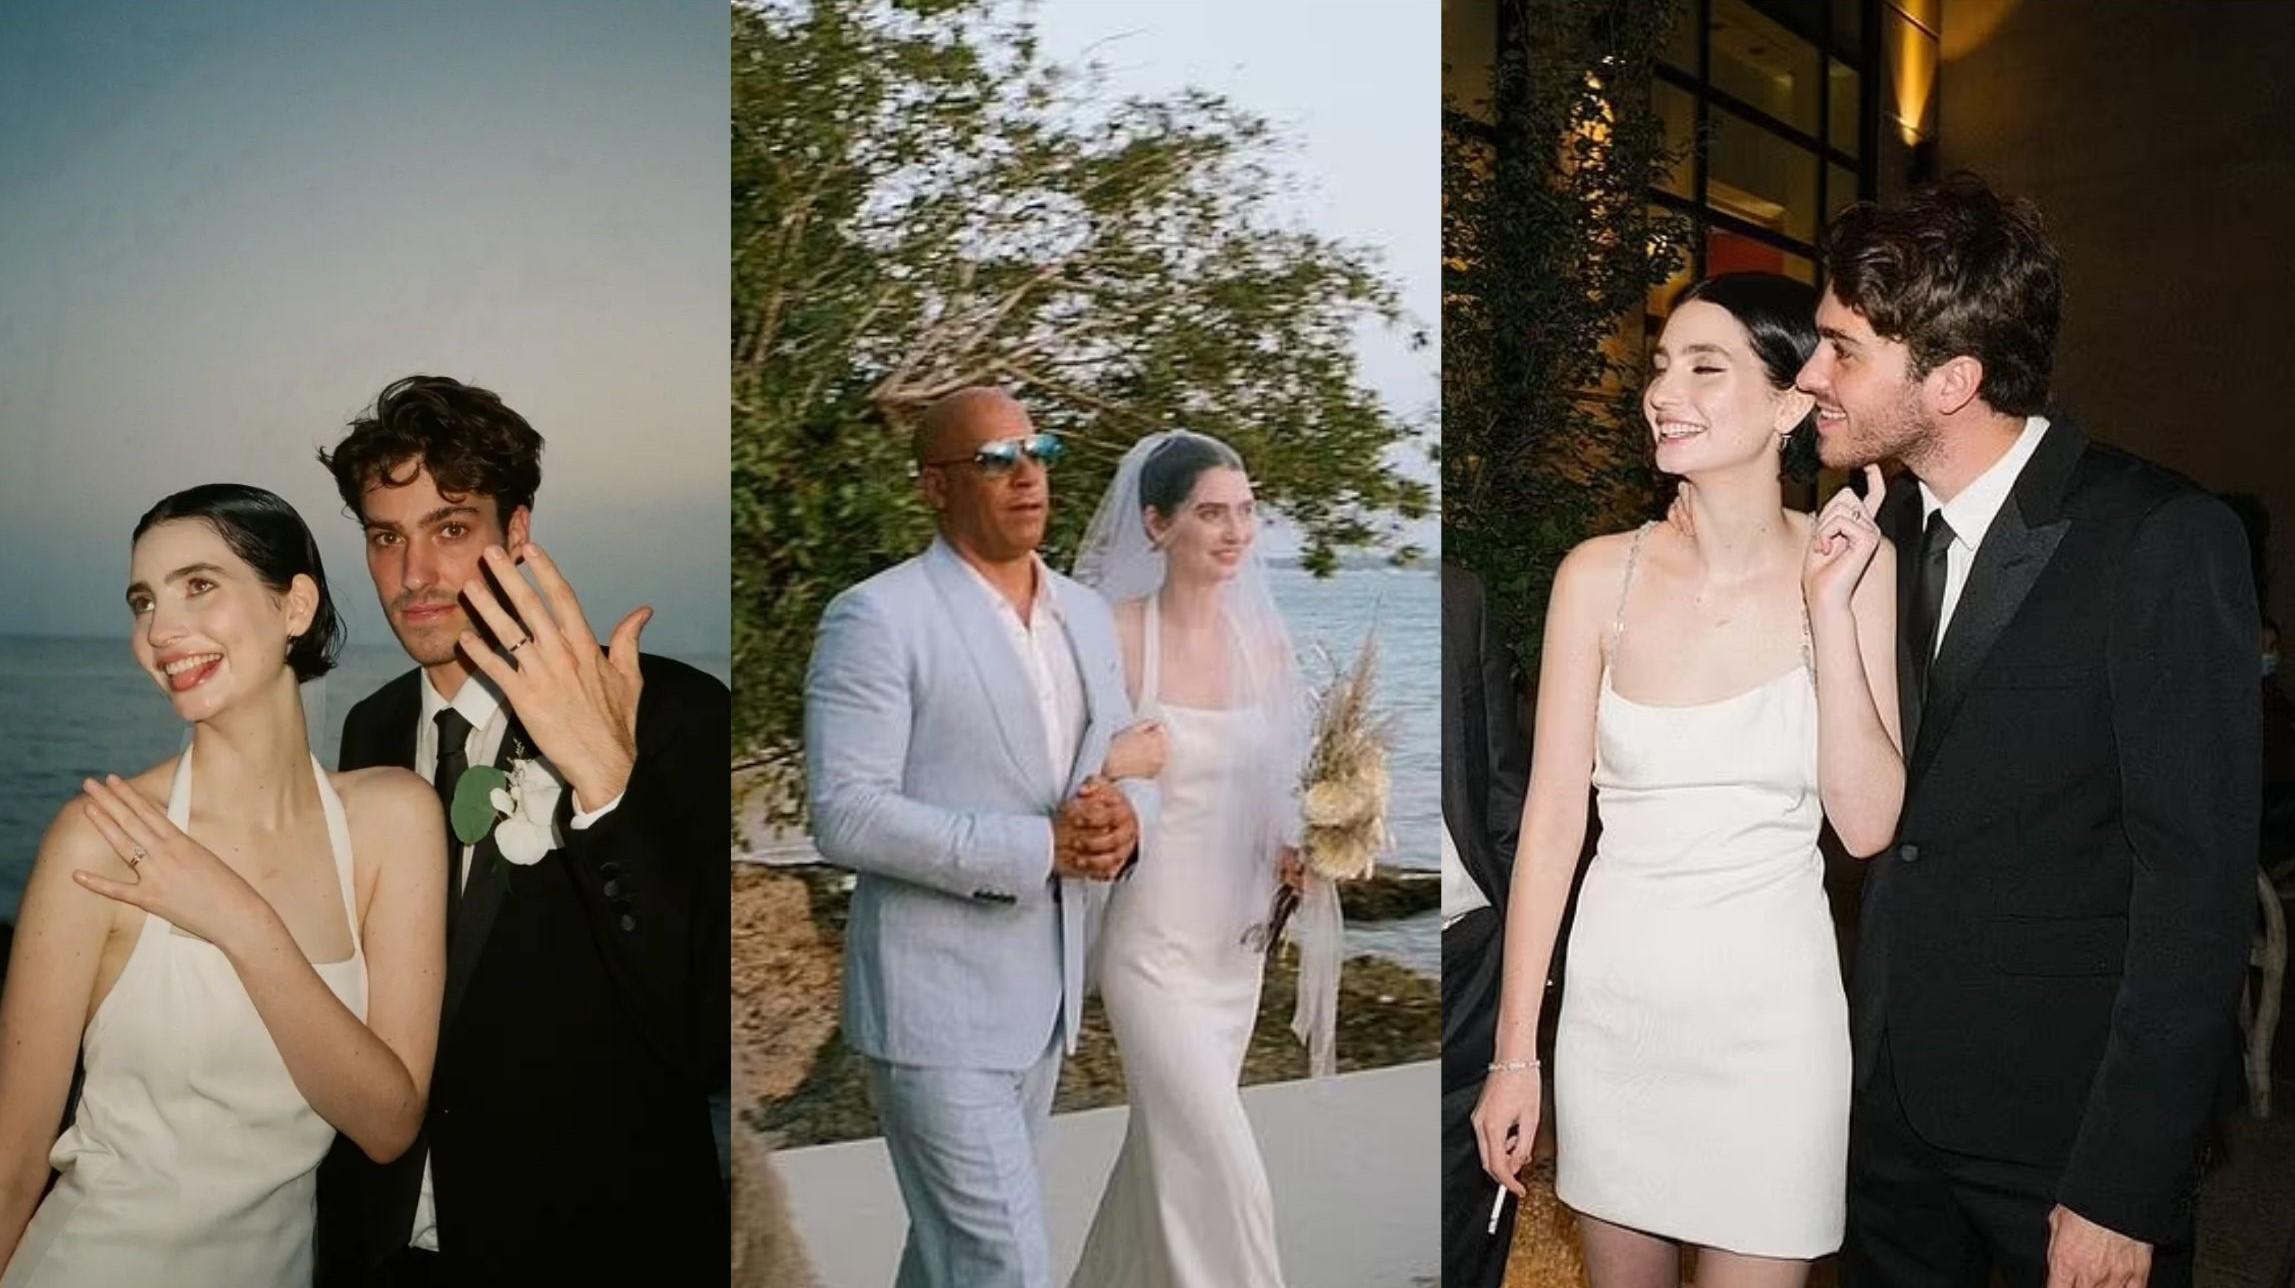 Vin Diesel Walks Daughter Of Late Paul Walker Down The Aisle For Her Wedding